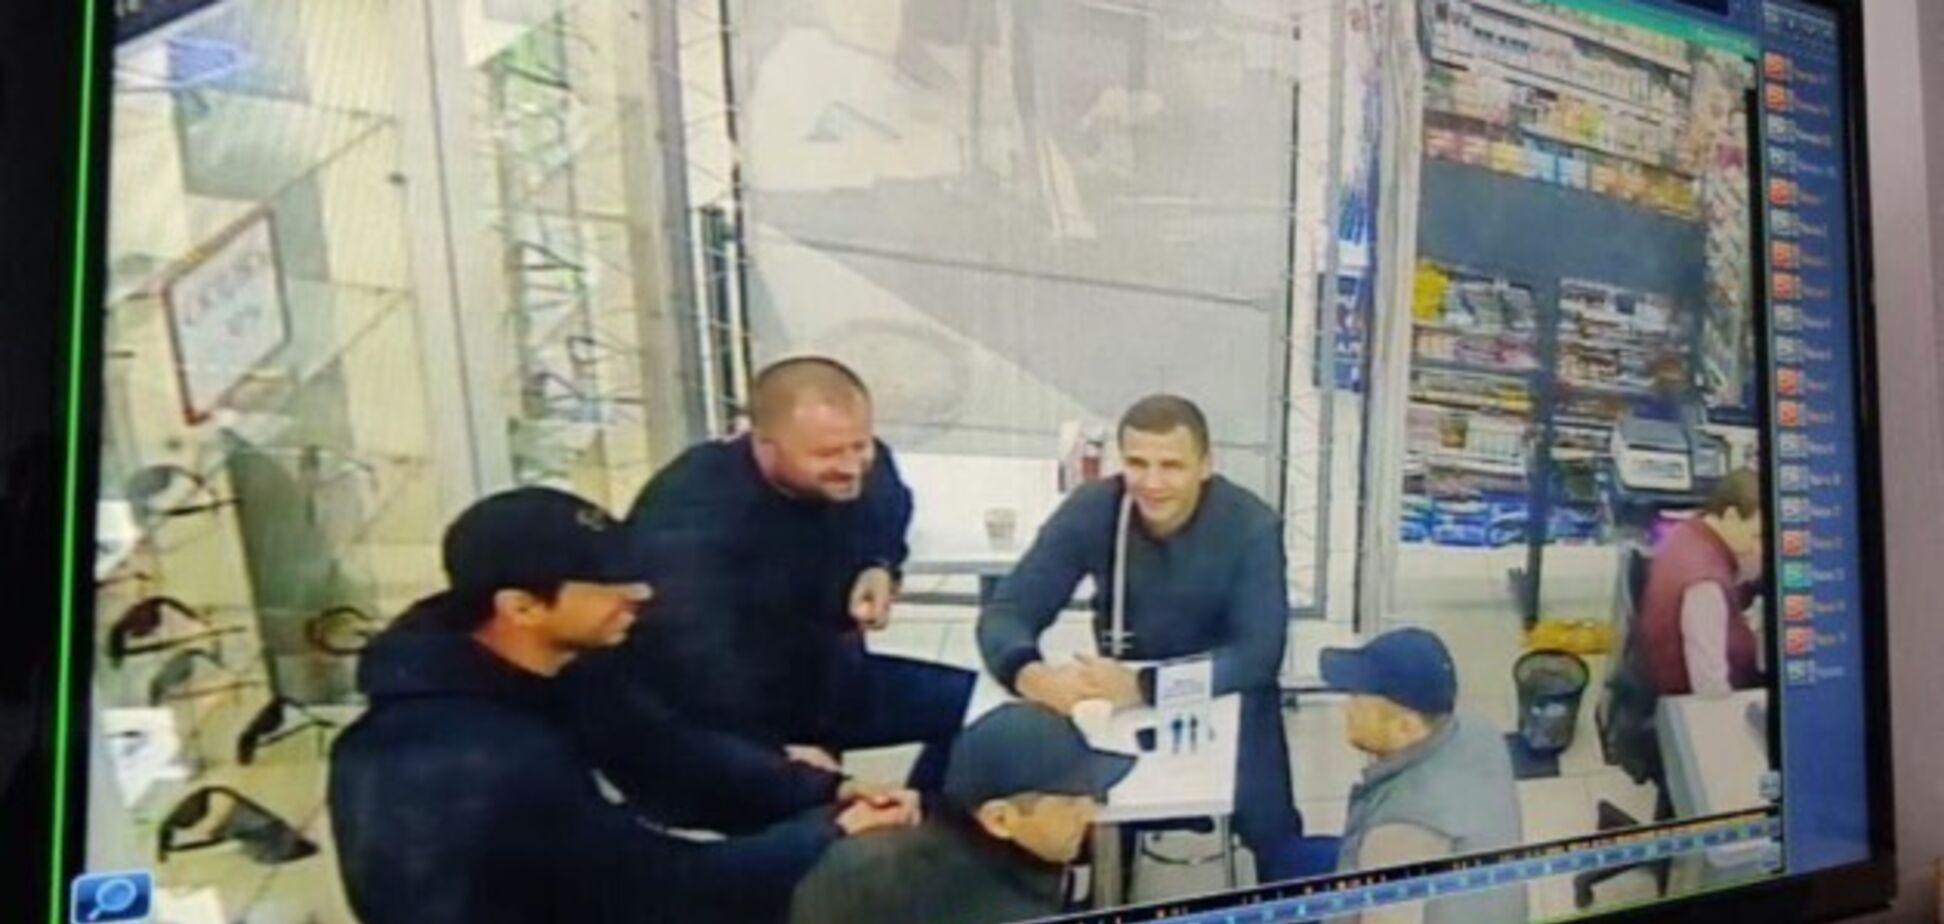 Стрілянина в Харкові: як пов'язаний Тайсон із Вороненкова